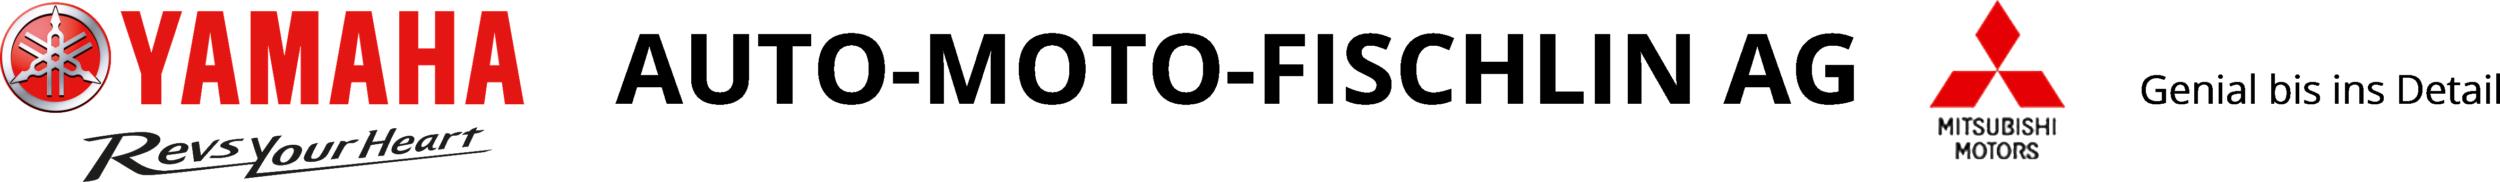 Auto-Moto-Fischlin AG